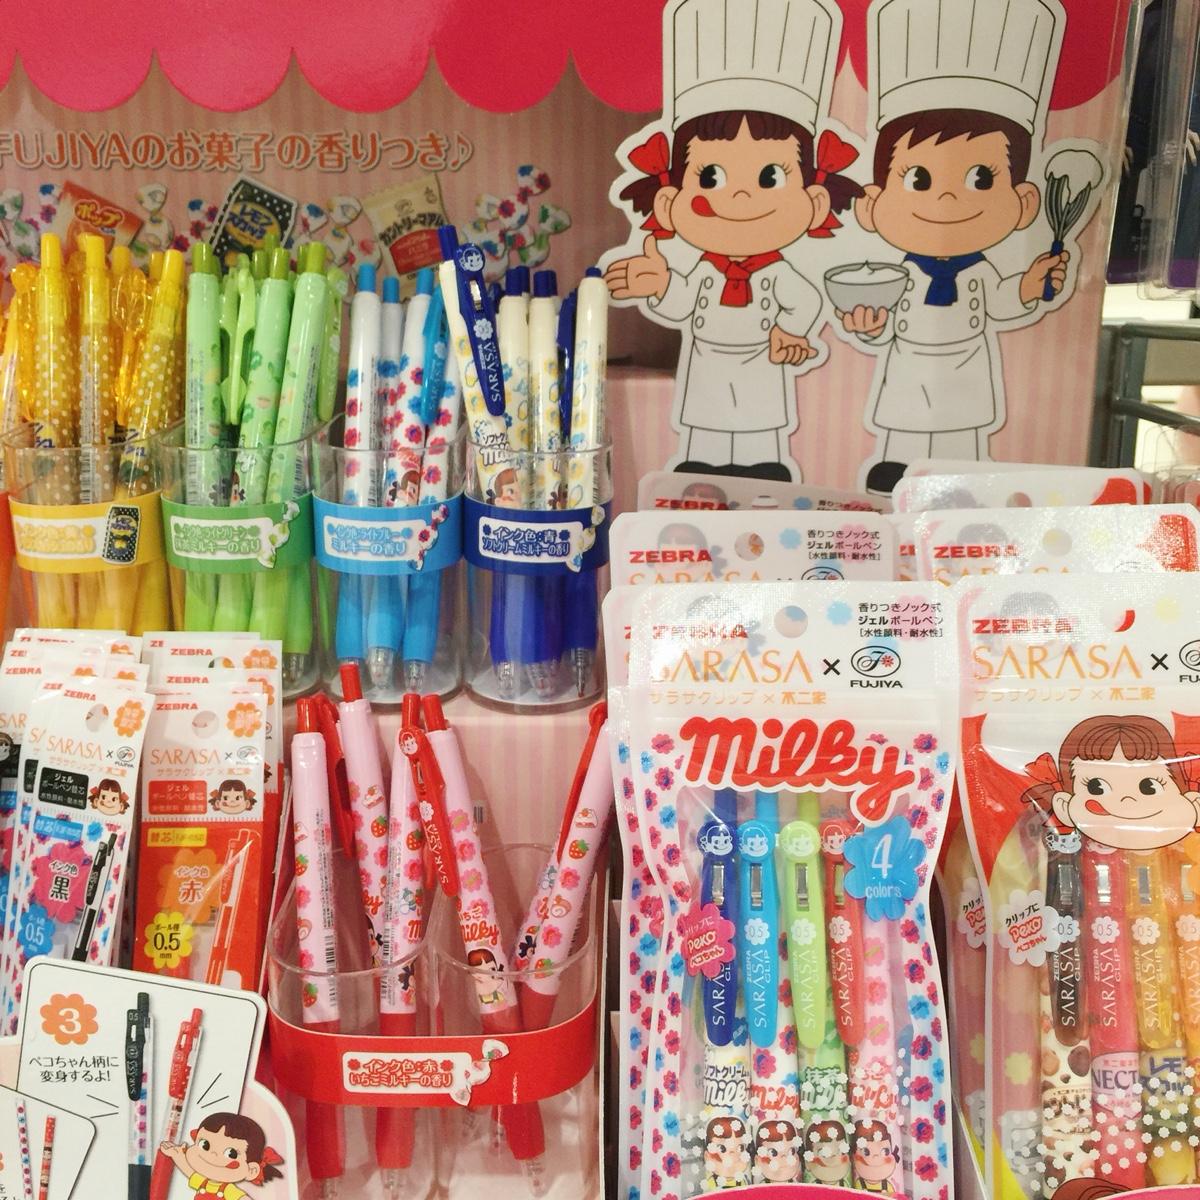 pekochan-milky-pens.jpg